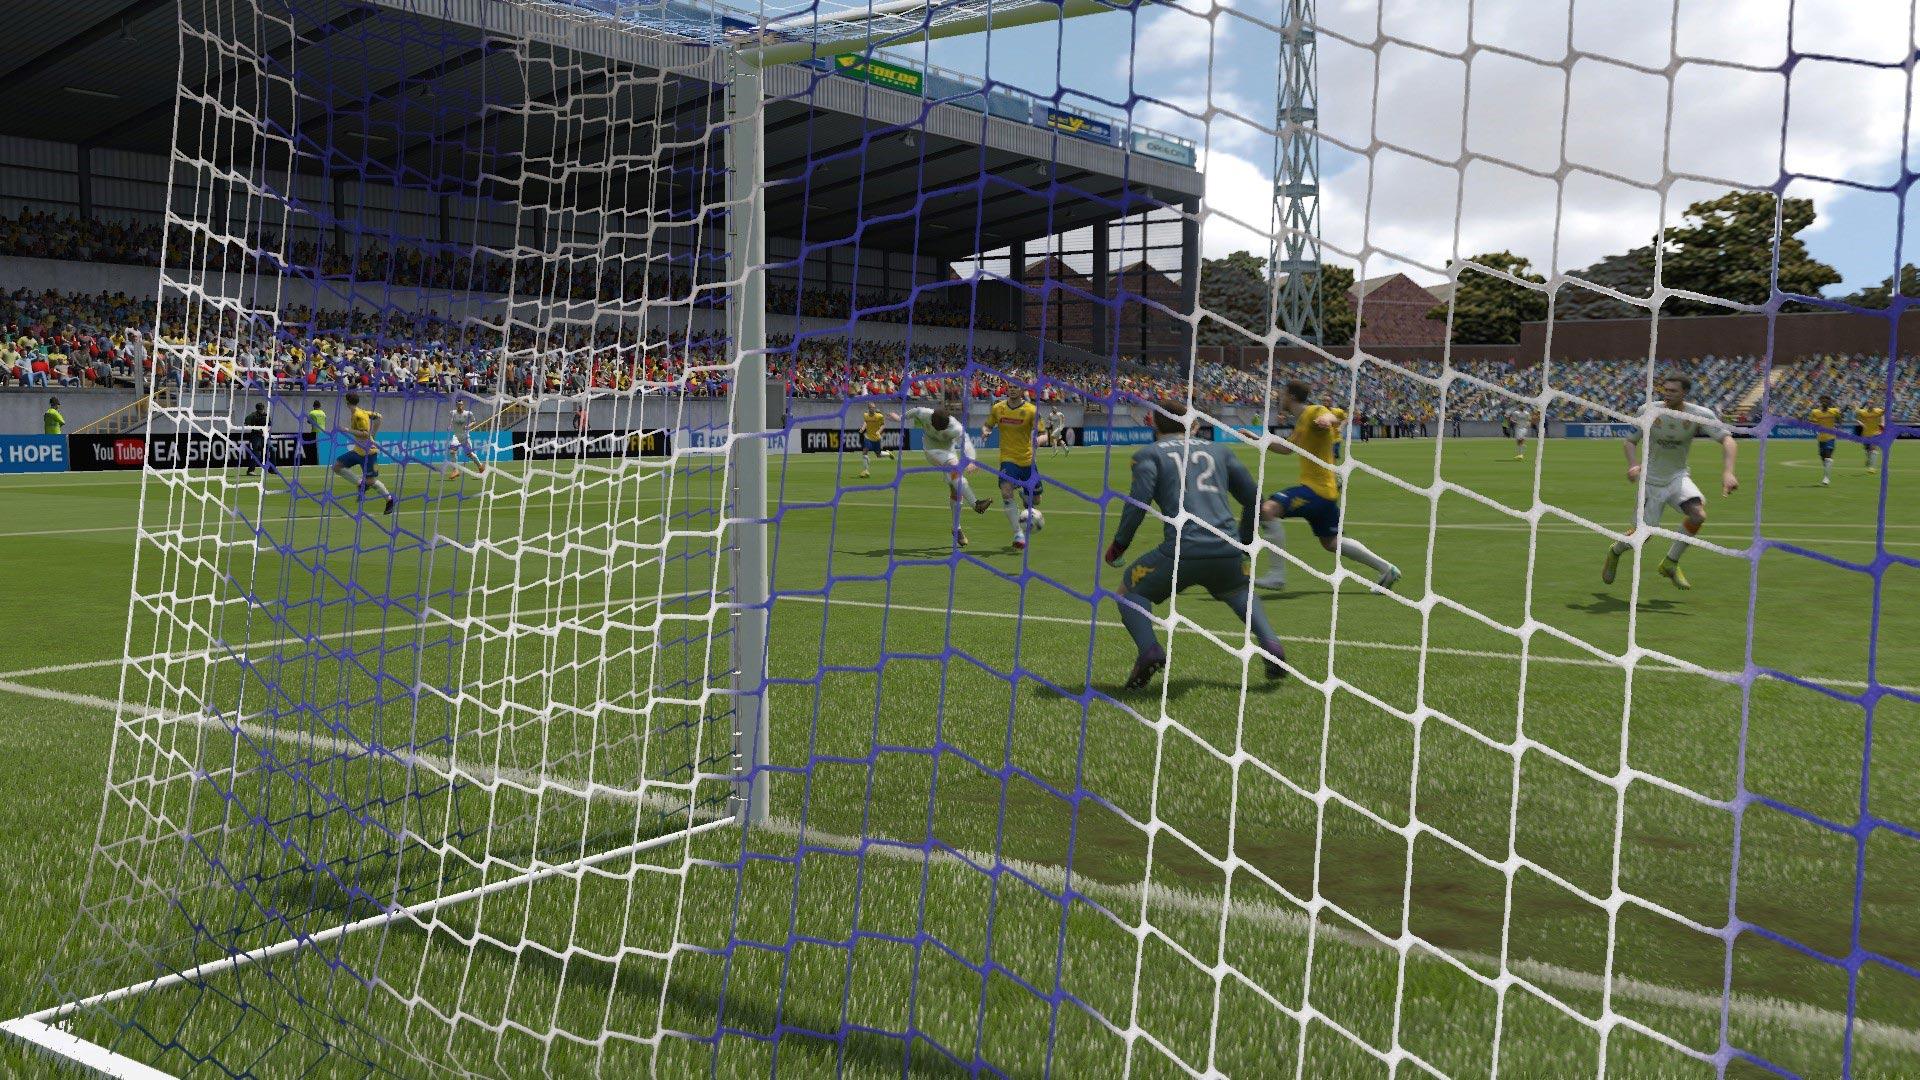 FIFA 15 Career 0-1 CCM V BRI, 1st Half